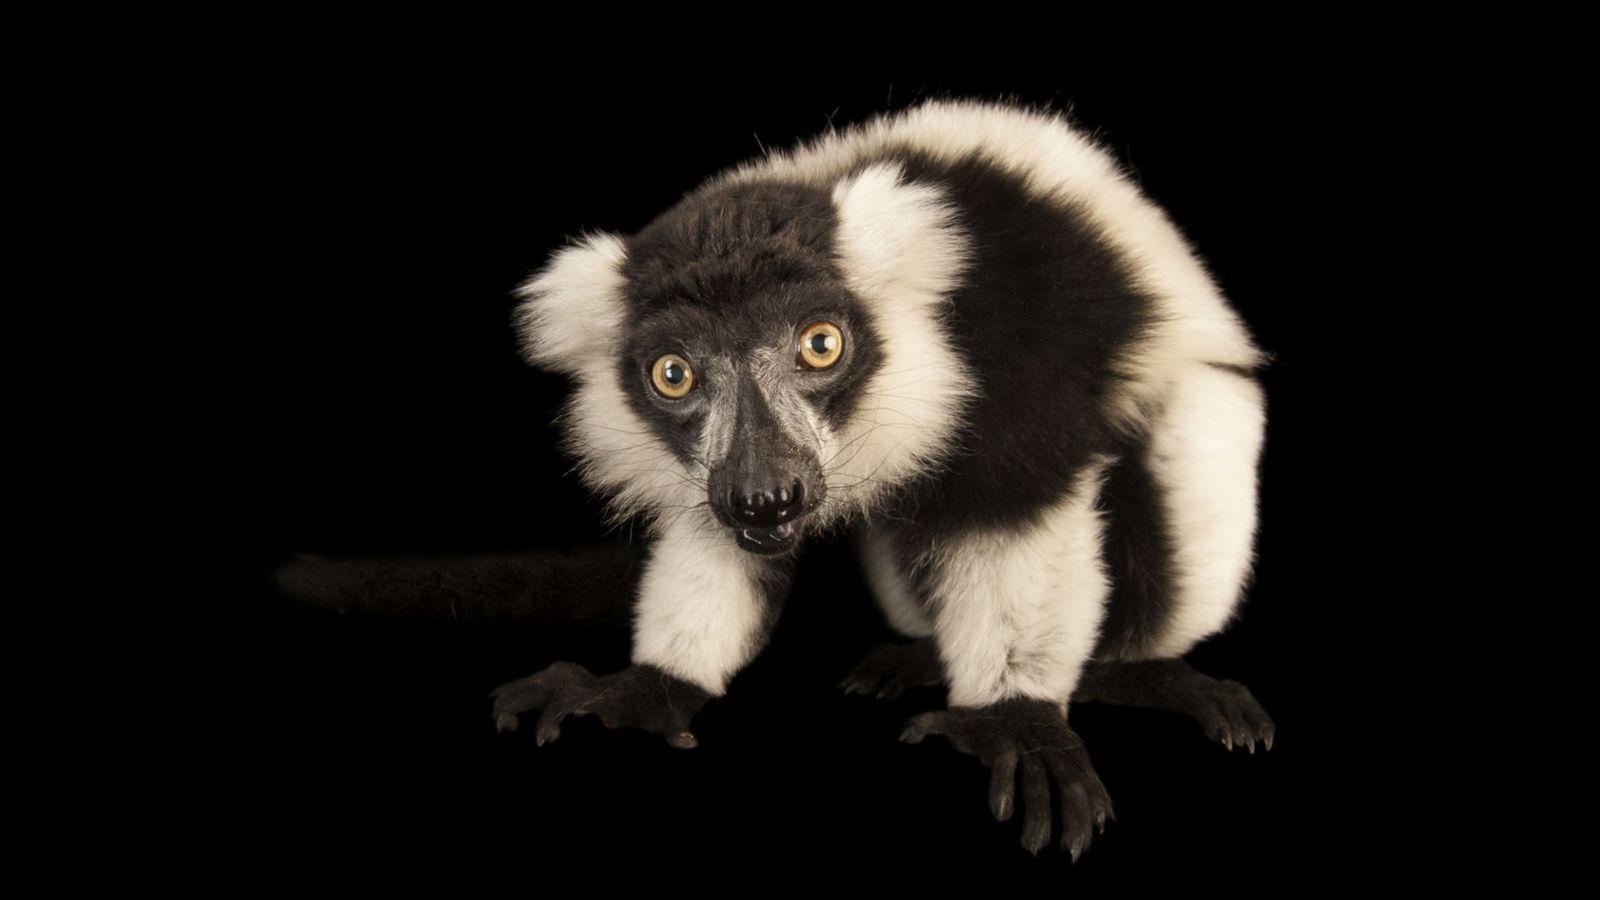 Un maki vari noir et blanc (Varecia variegata) en danger critique d'extinction au zoo Lincoln Children.